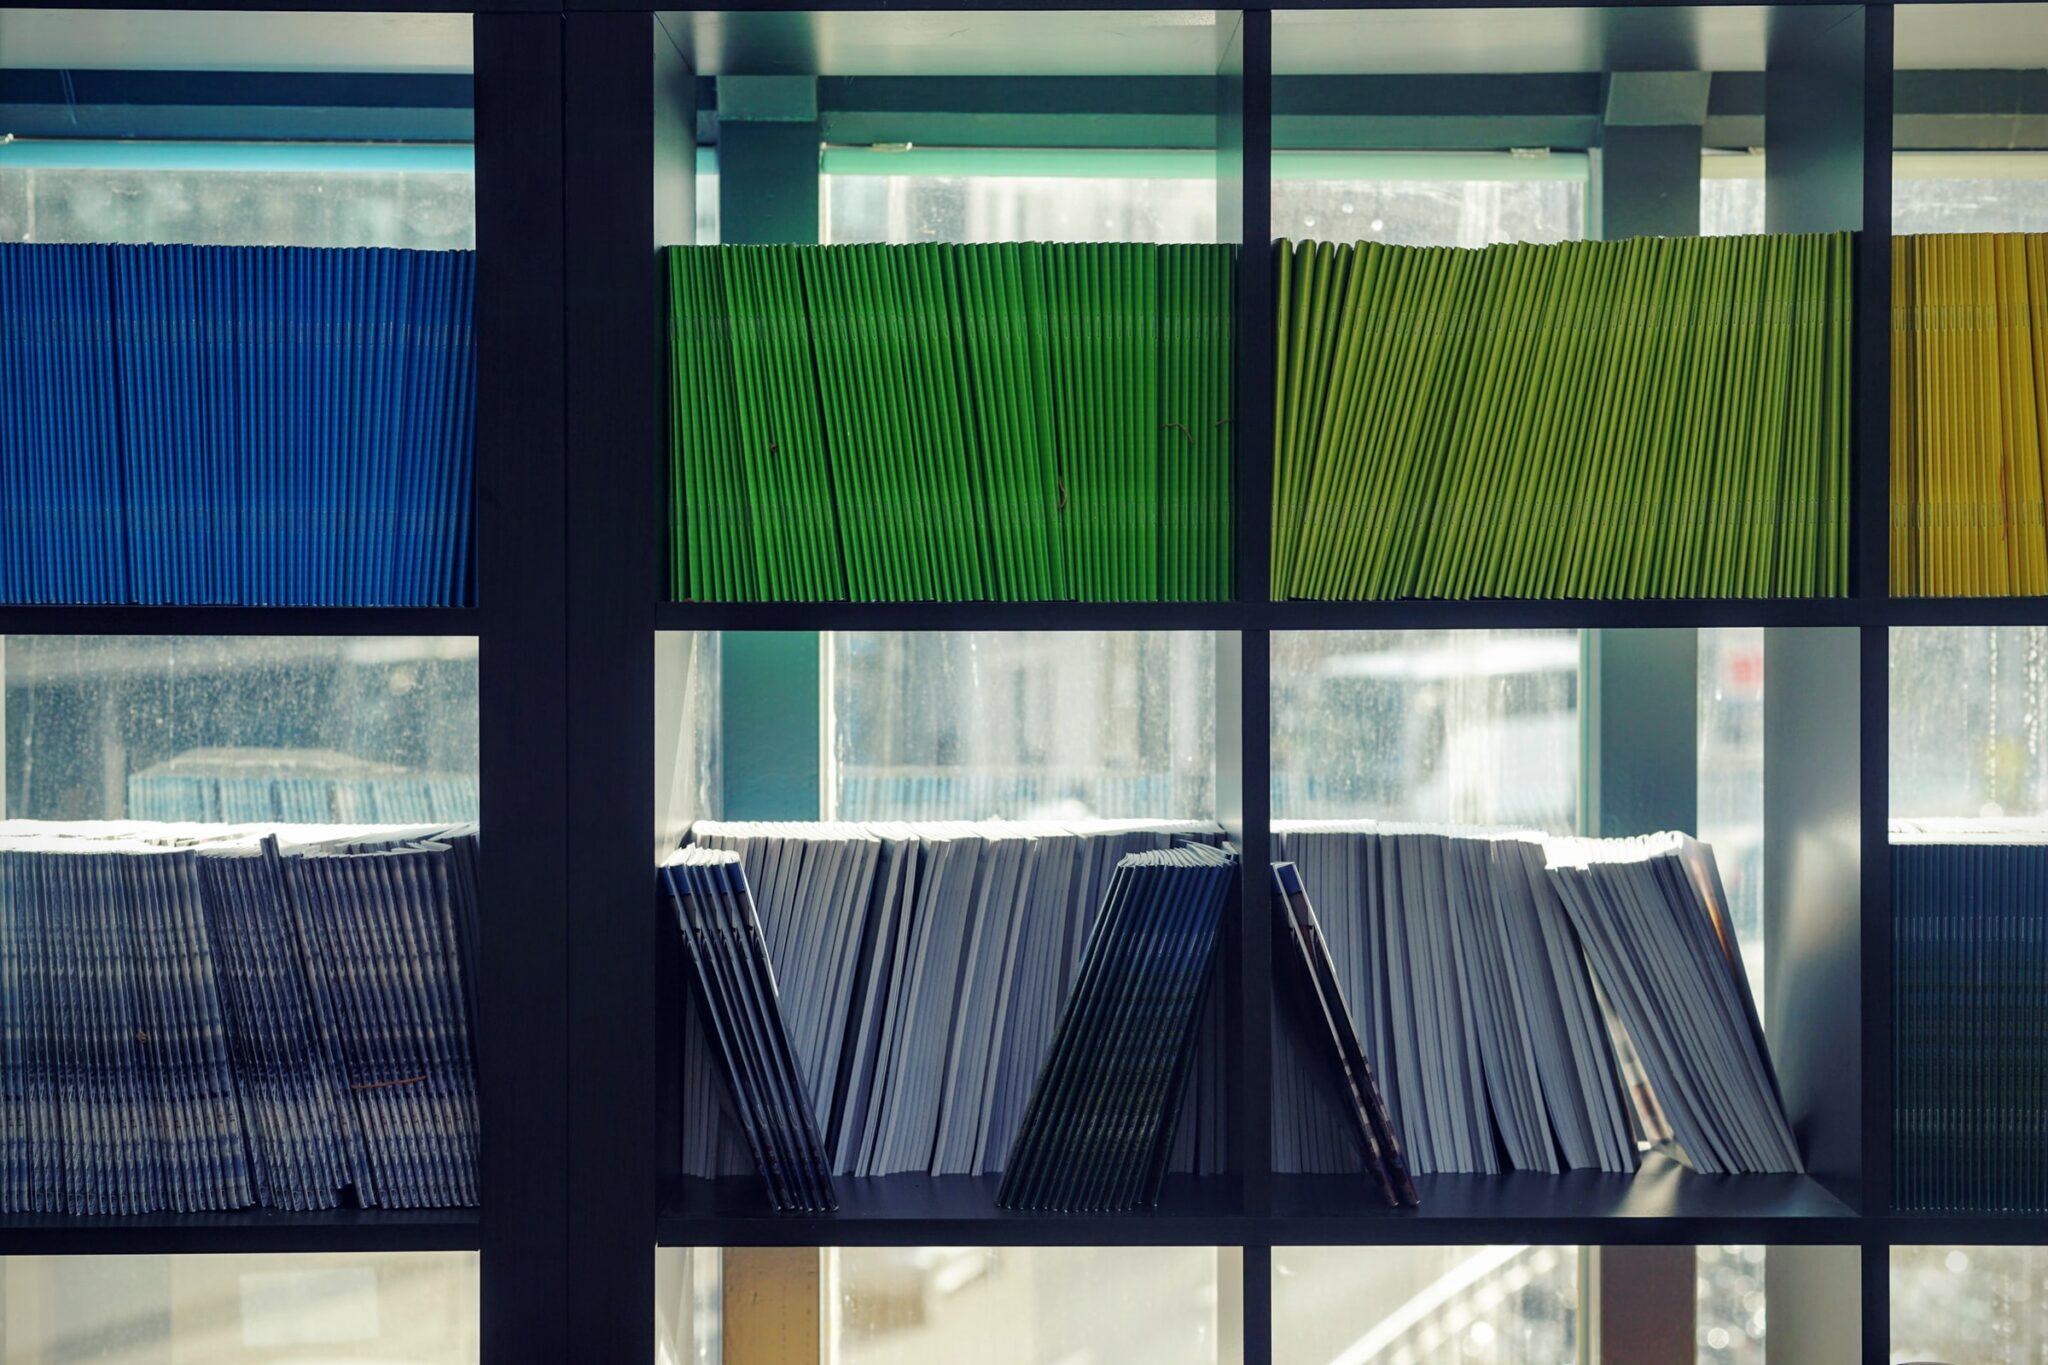 Ein schwarzes Regal mit quadratischen Fächern, in denen man nach Farben sortierte Zeitschriften sieht, in blau, grün, hellrgrün und schwarzweiss.